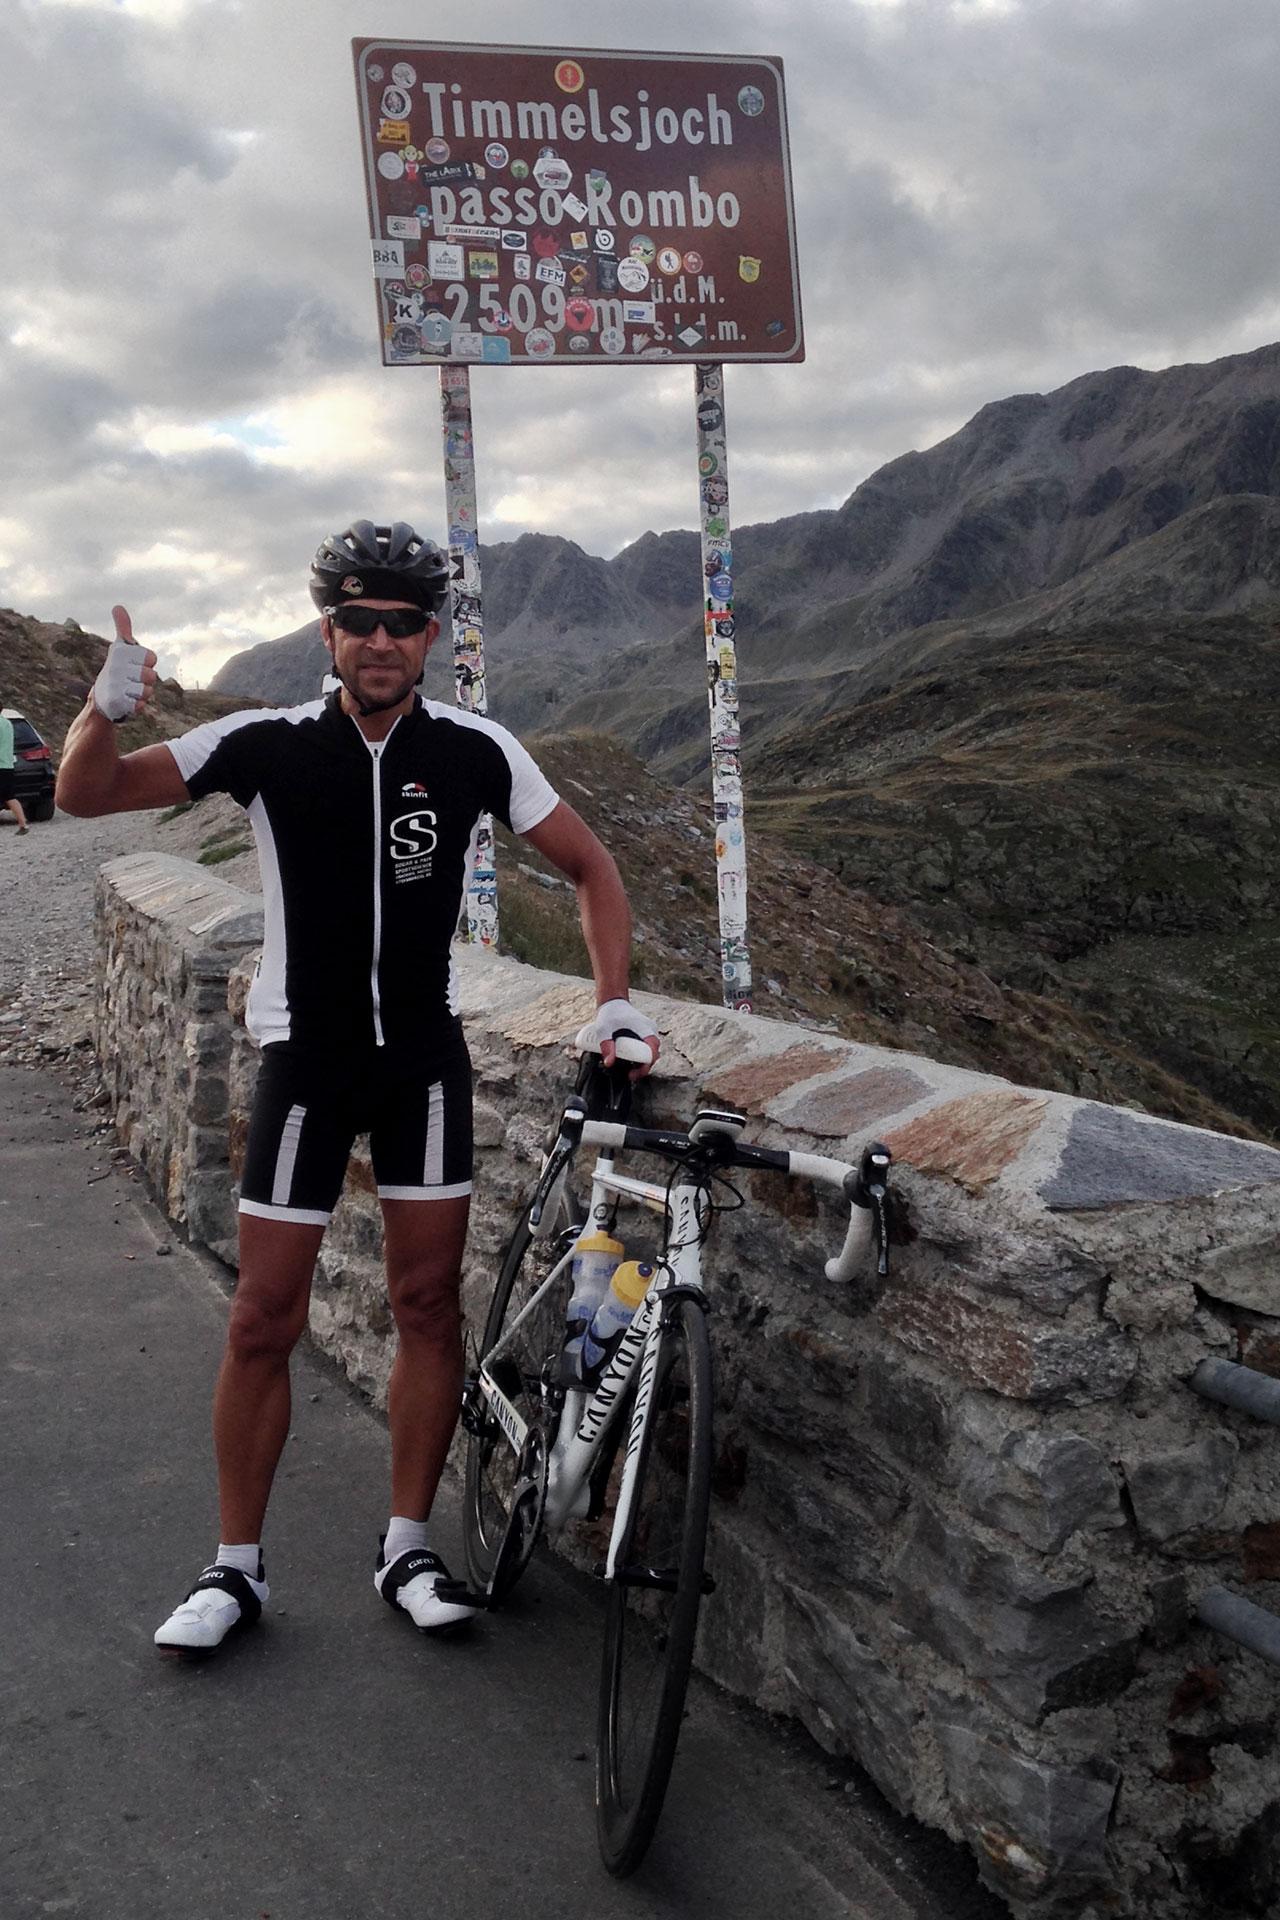 IRONMAN VICHY 2017 The Making of an Ironman Triathlete #3 / Nach Brenner und Jaufenpass der dritte und höchste Strassenpass der Ötztaler Runde, das Timmelsjoch © Stefan Drexl